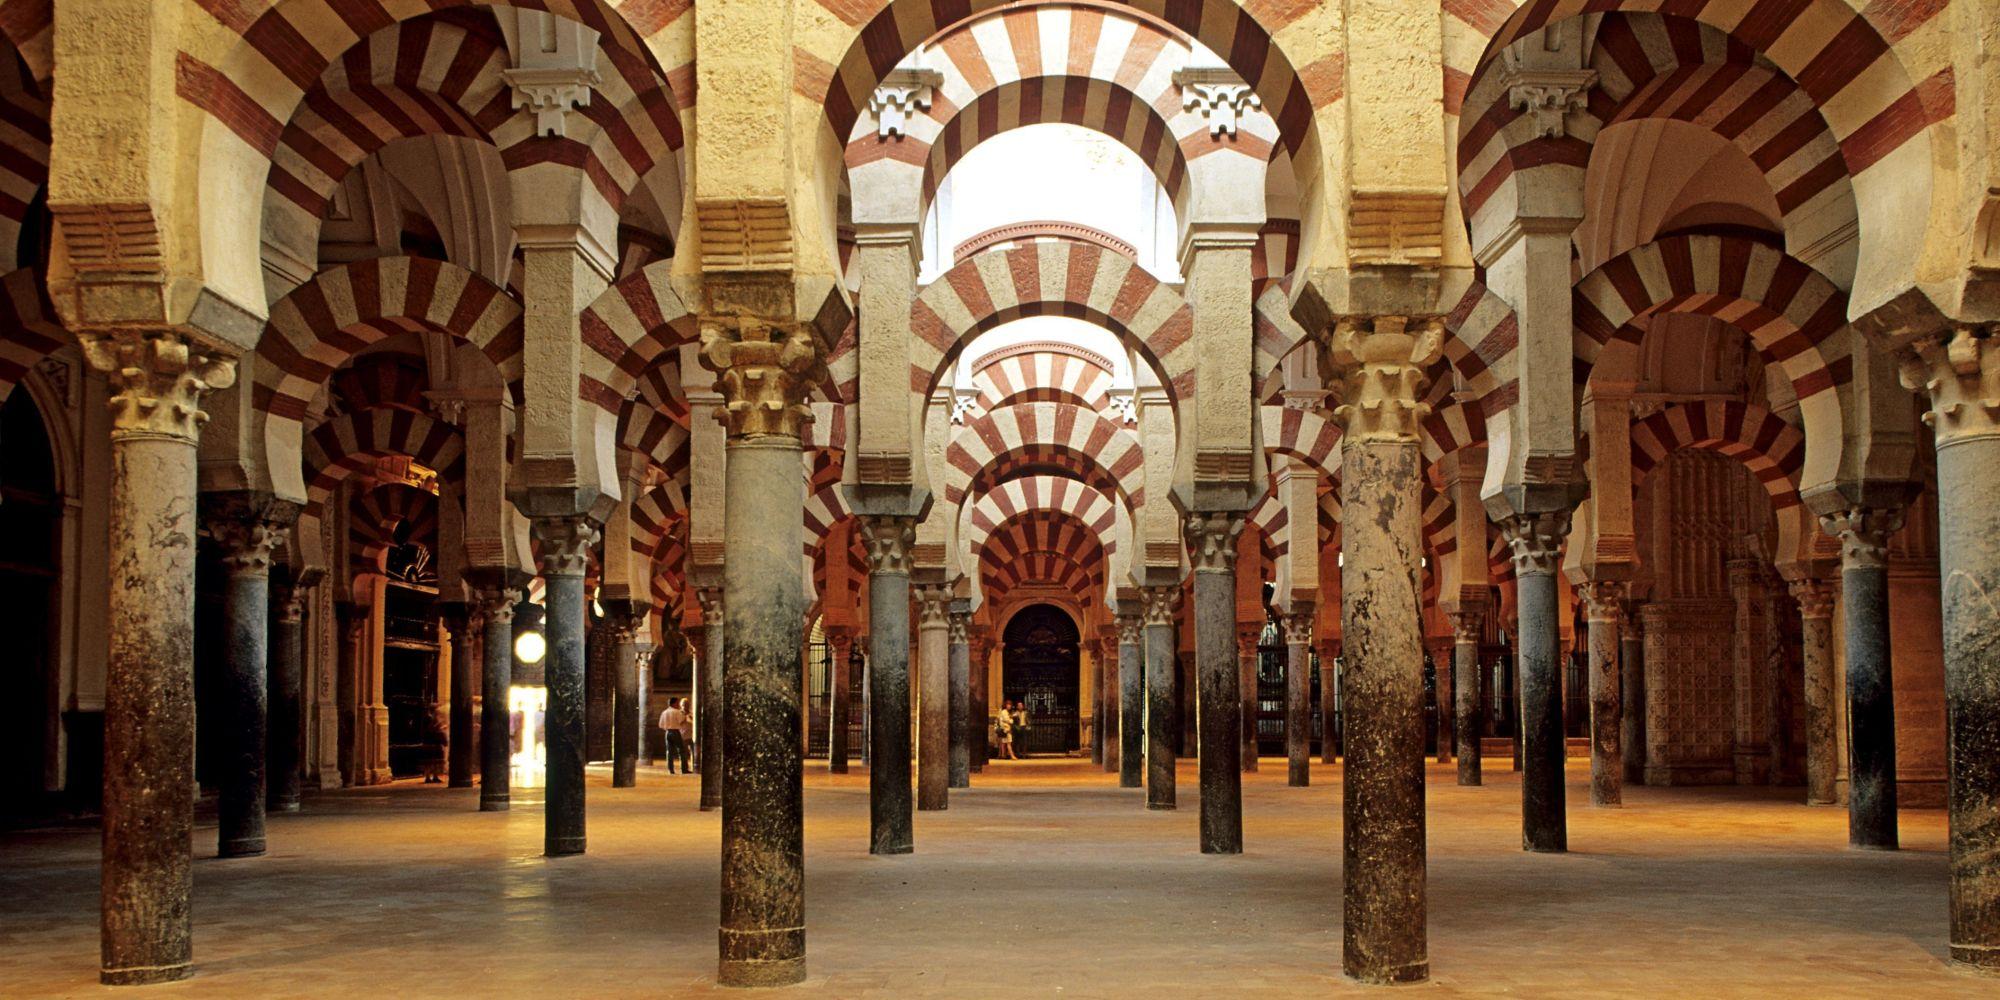 C rdoba andaluza un compendio de pasado y modernidad - Mezquita de cordoba visita nocturna ...